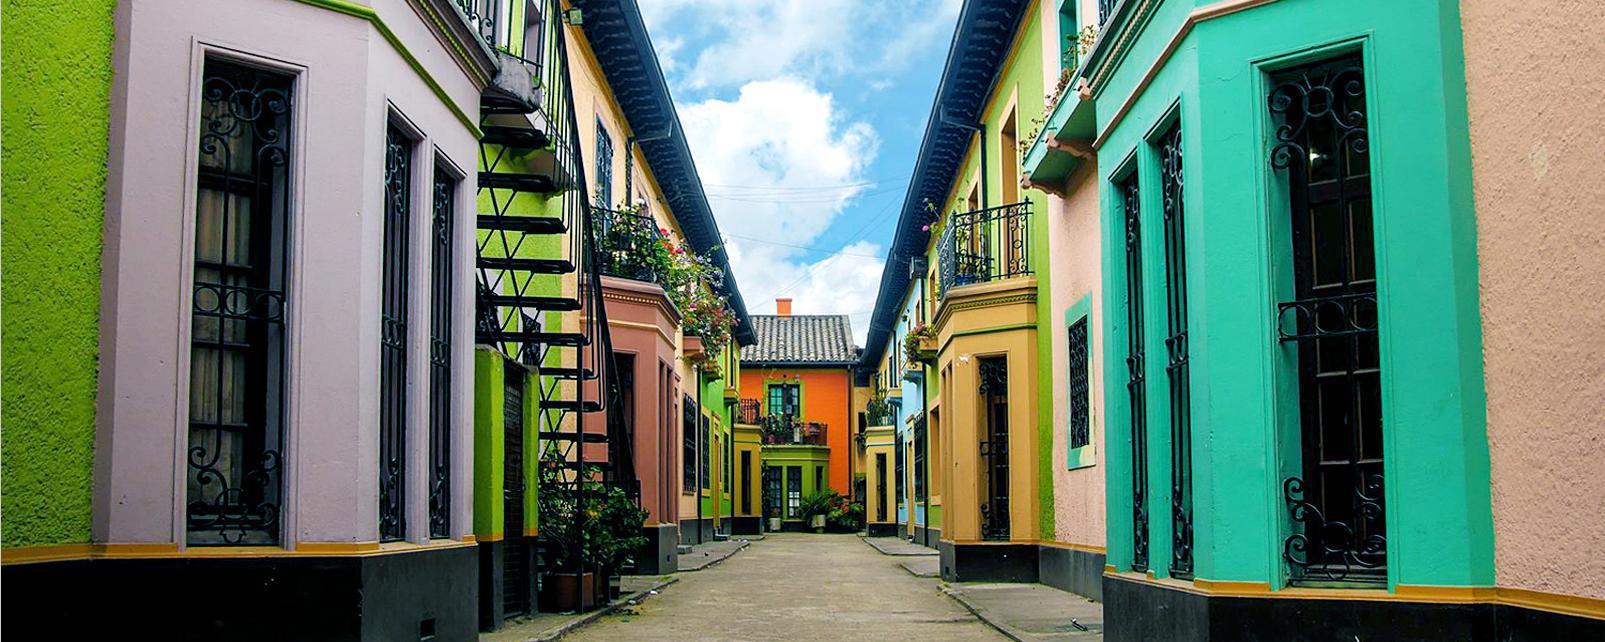 Amérique; Amérique du Sud; Colombie; Bogota; Bogotá;